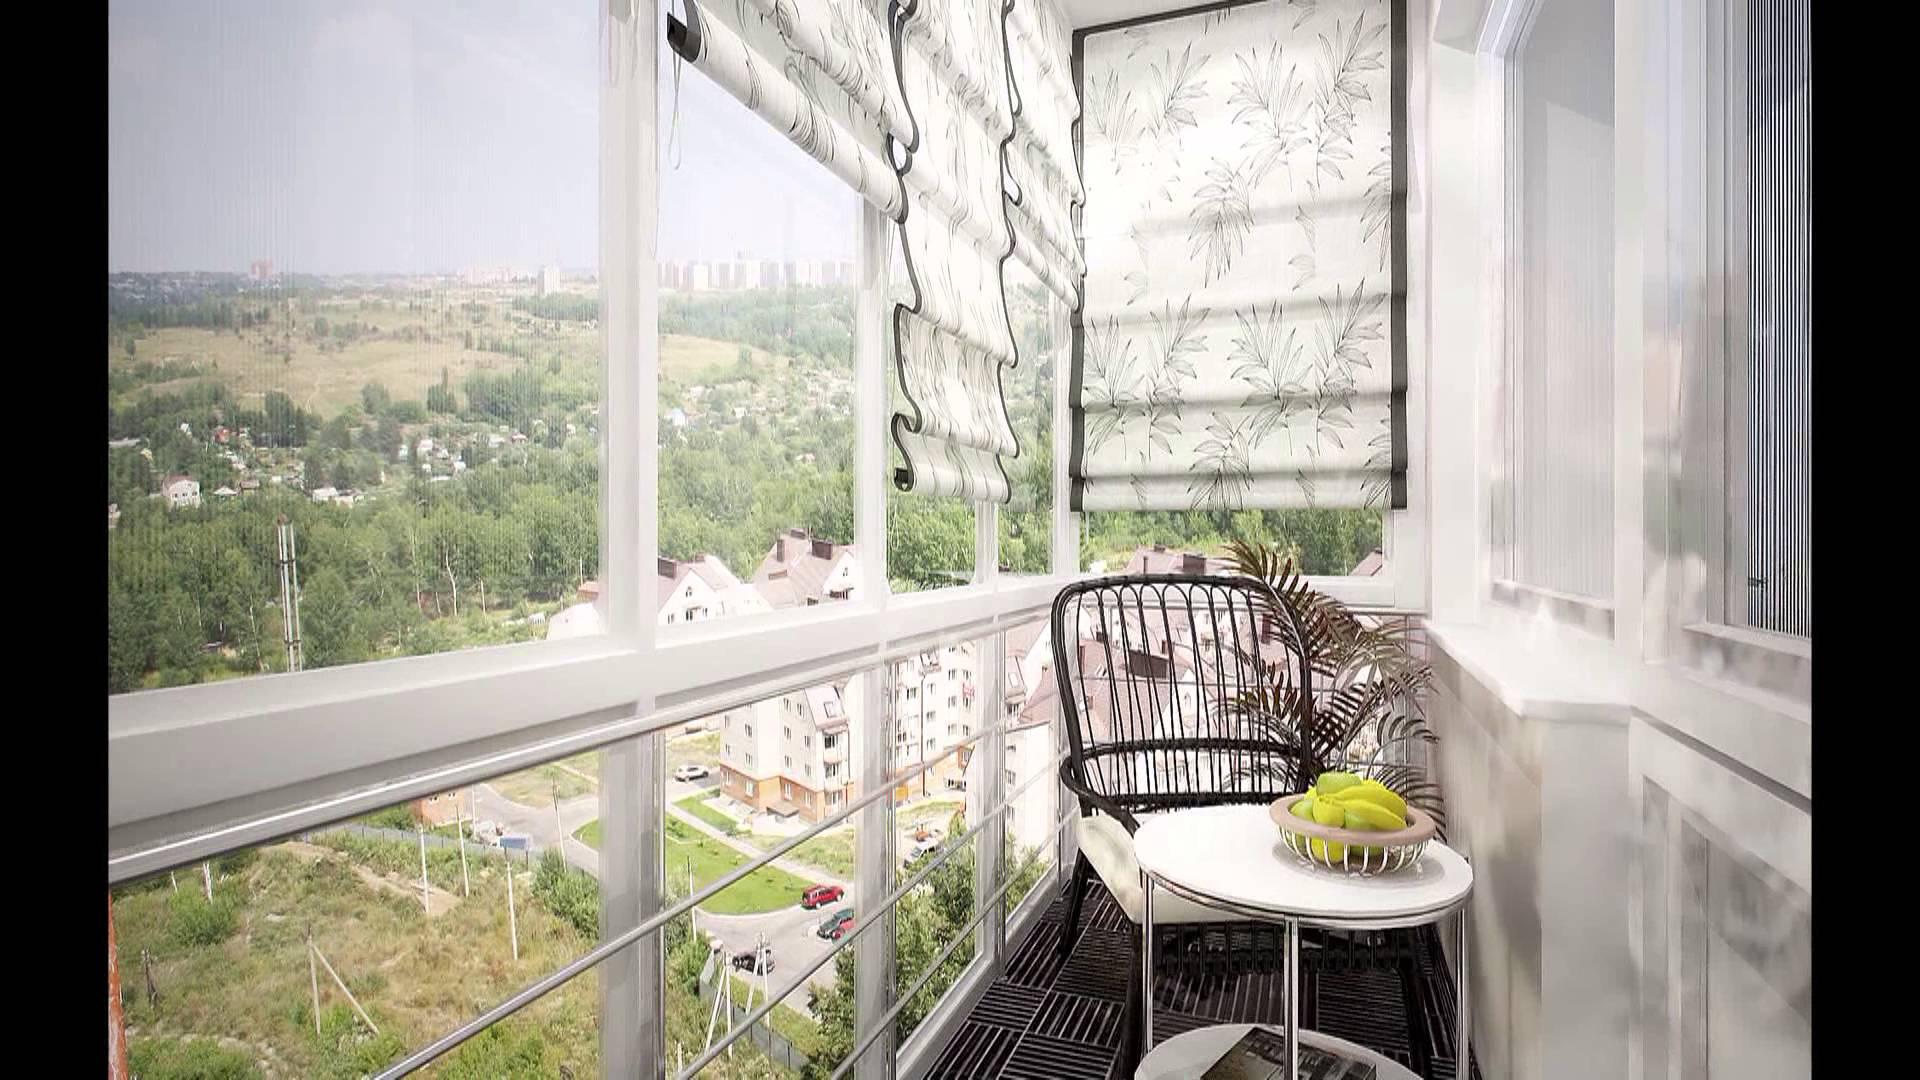 Технический дизайн квартир в Краснодаре - Аквариус